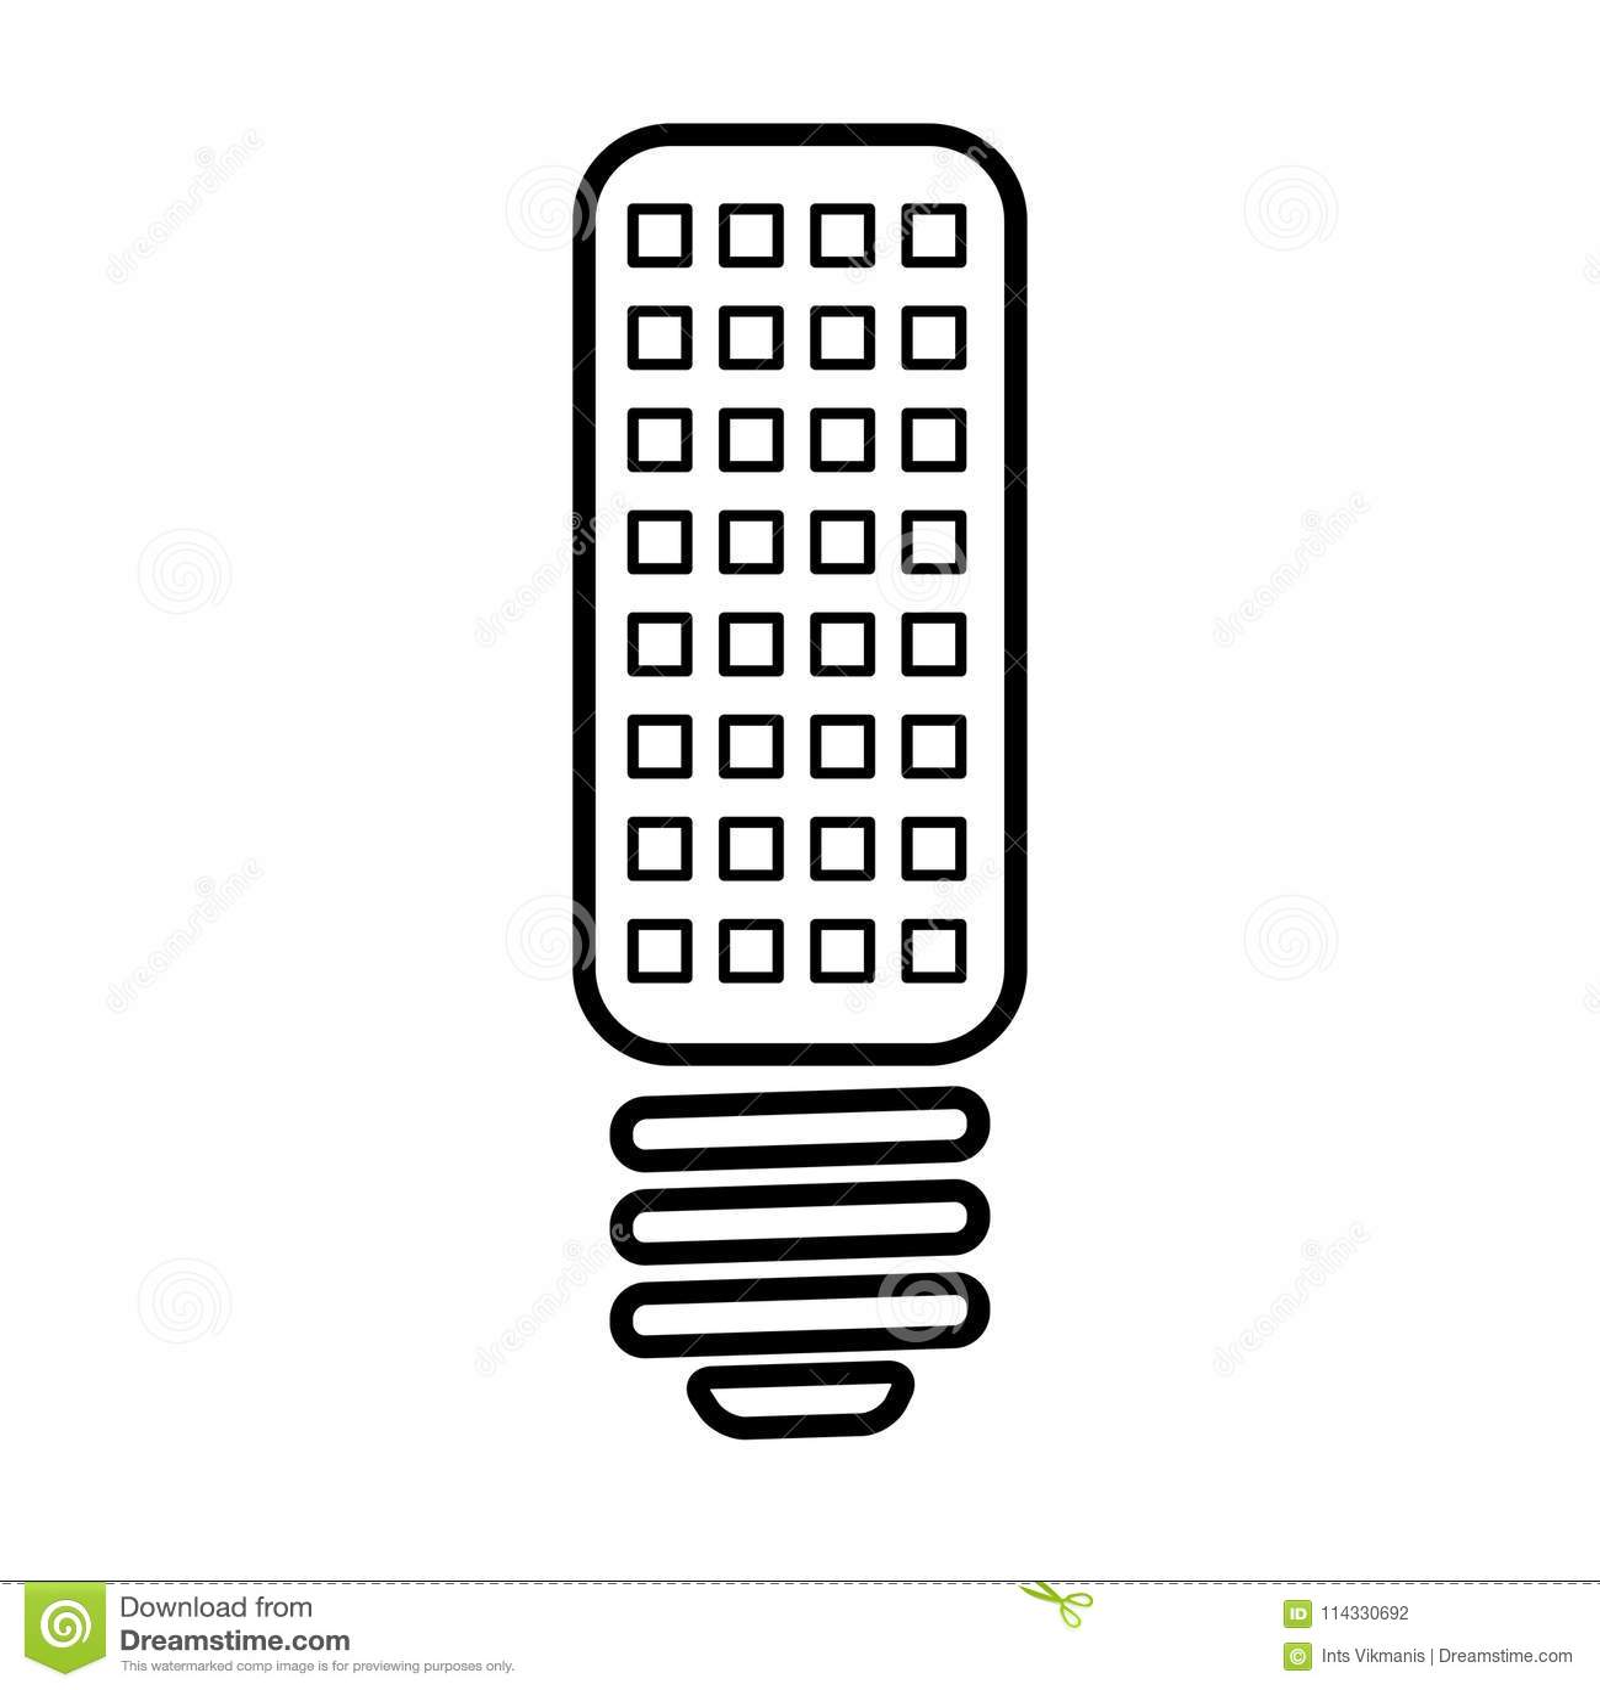 Unique Lamp Symbol Circuit Image - Wiring Diagram Ideas - blogitia.com